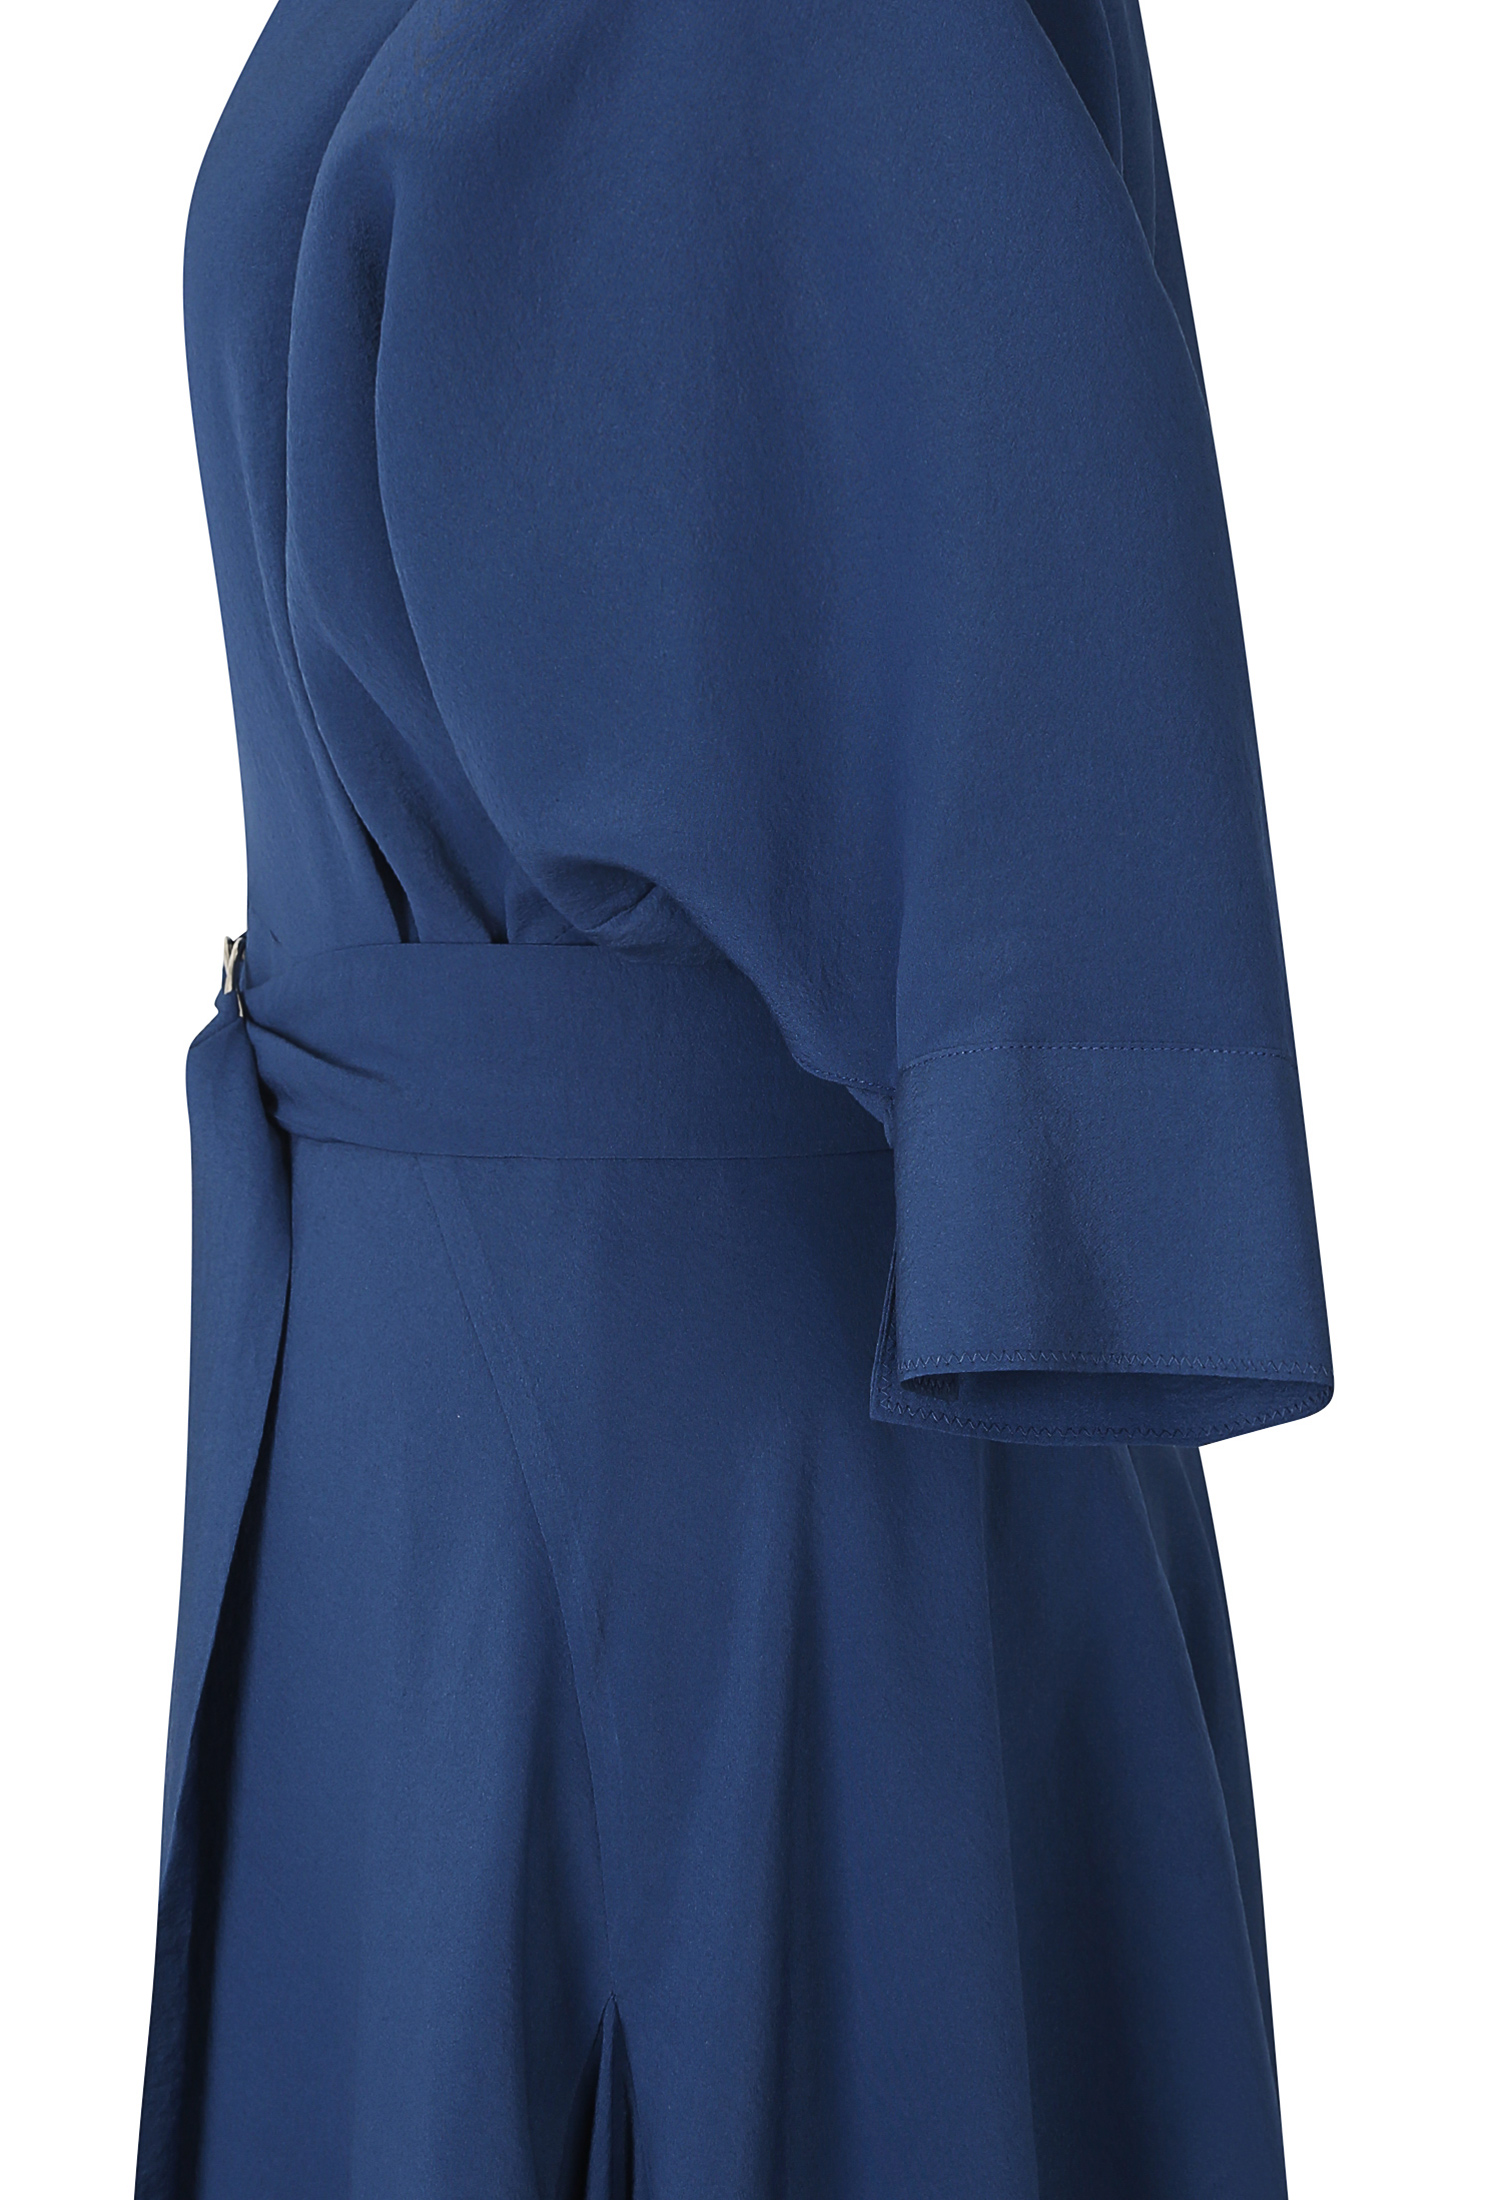 돌먼 슬리브 플레어 원피스 (BLUE)